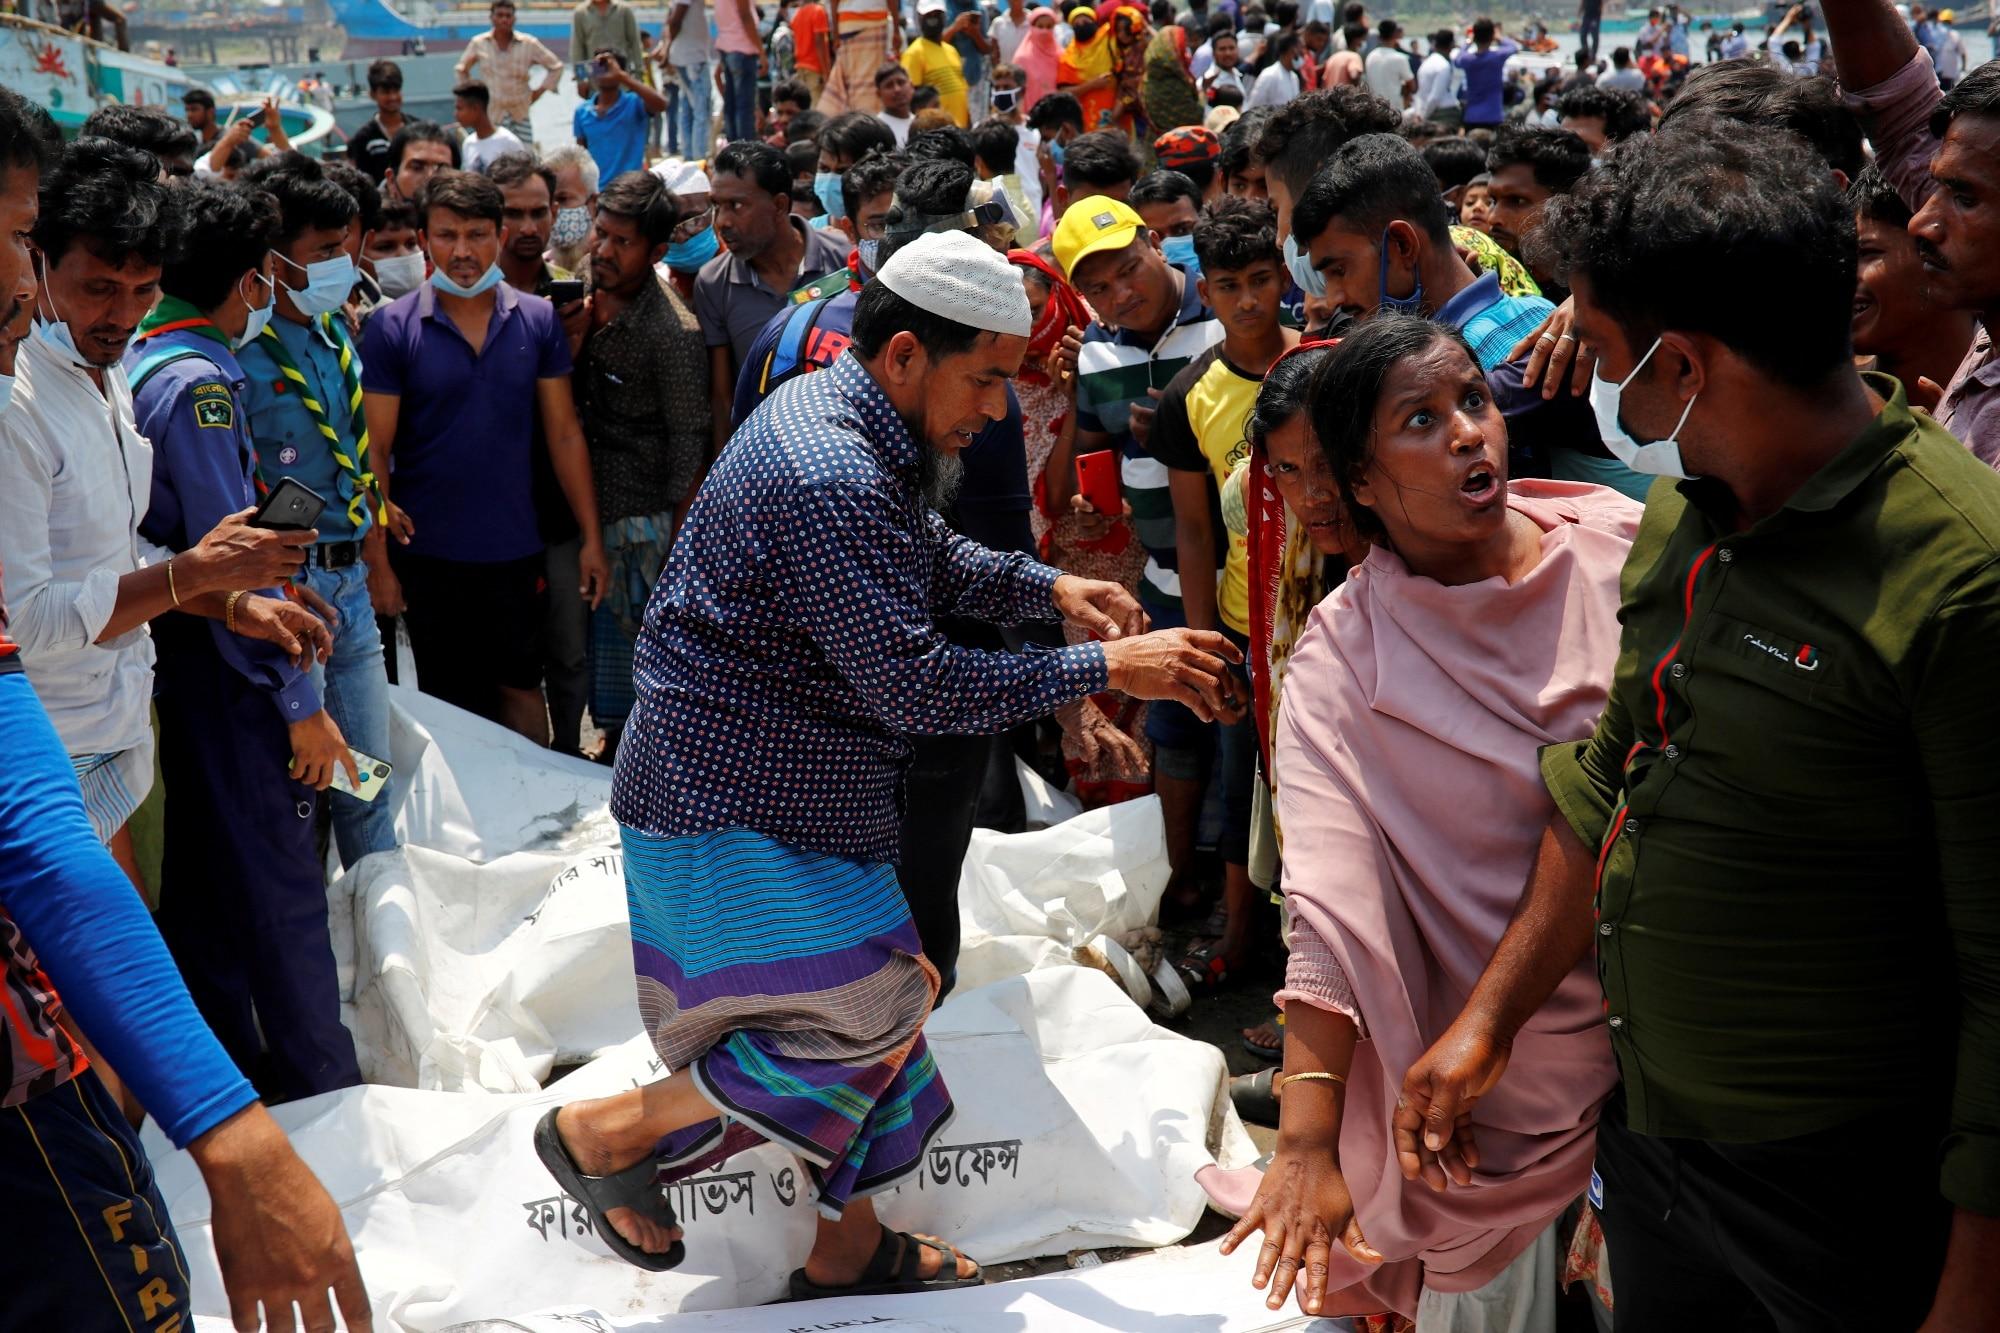 Lidé na břehu po potopení přívozu v Bangladéši